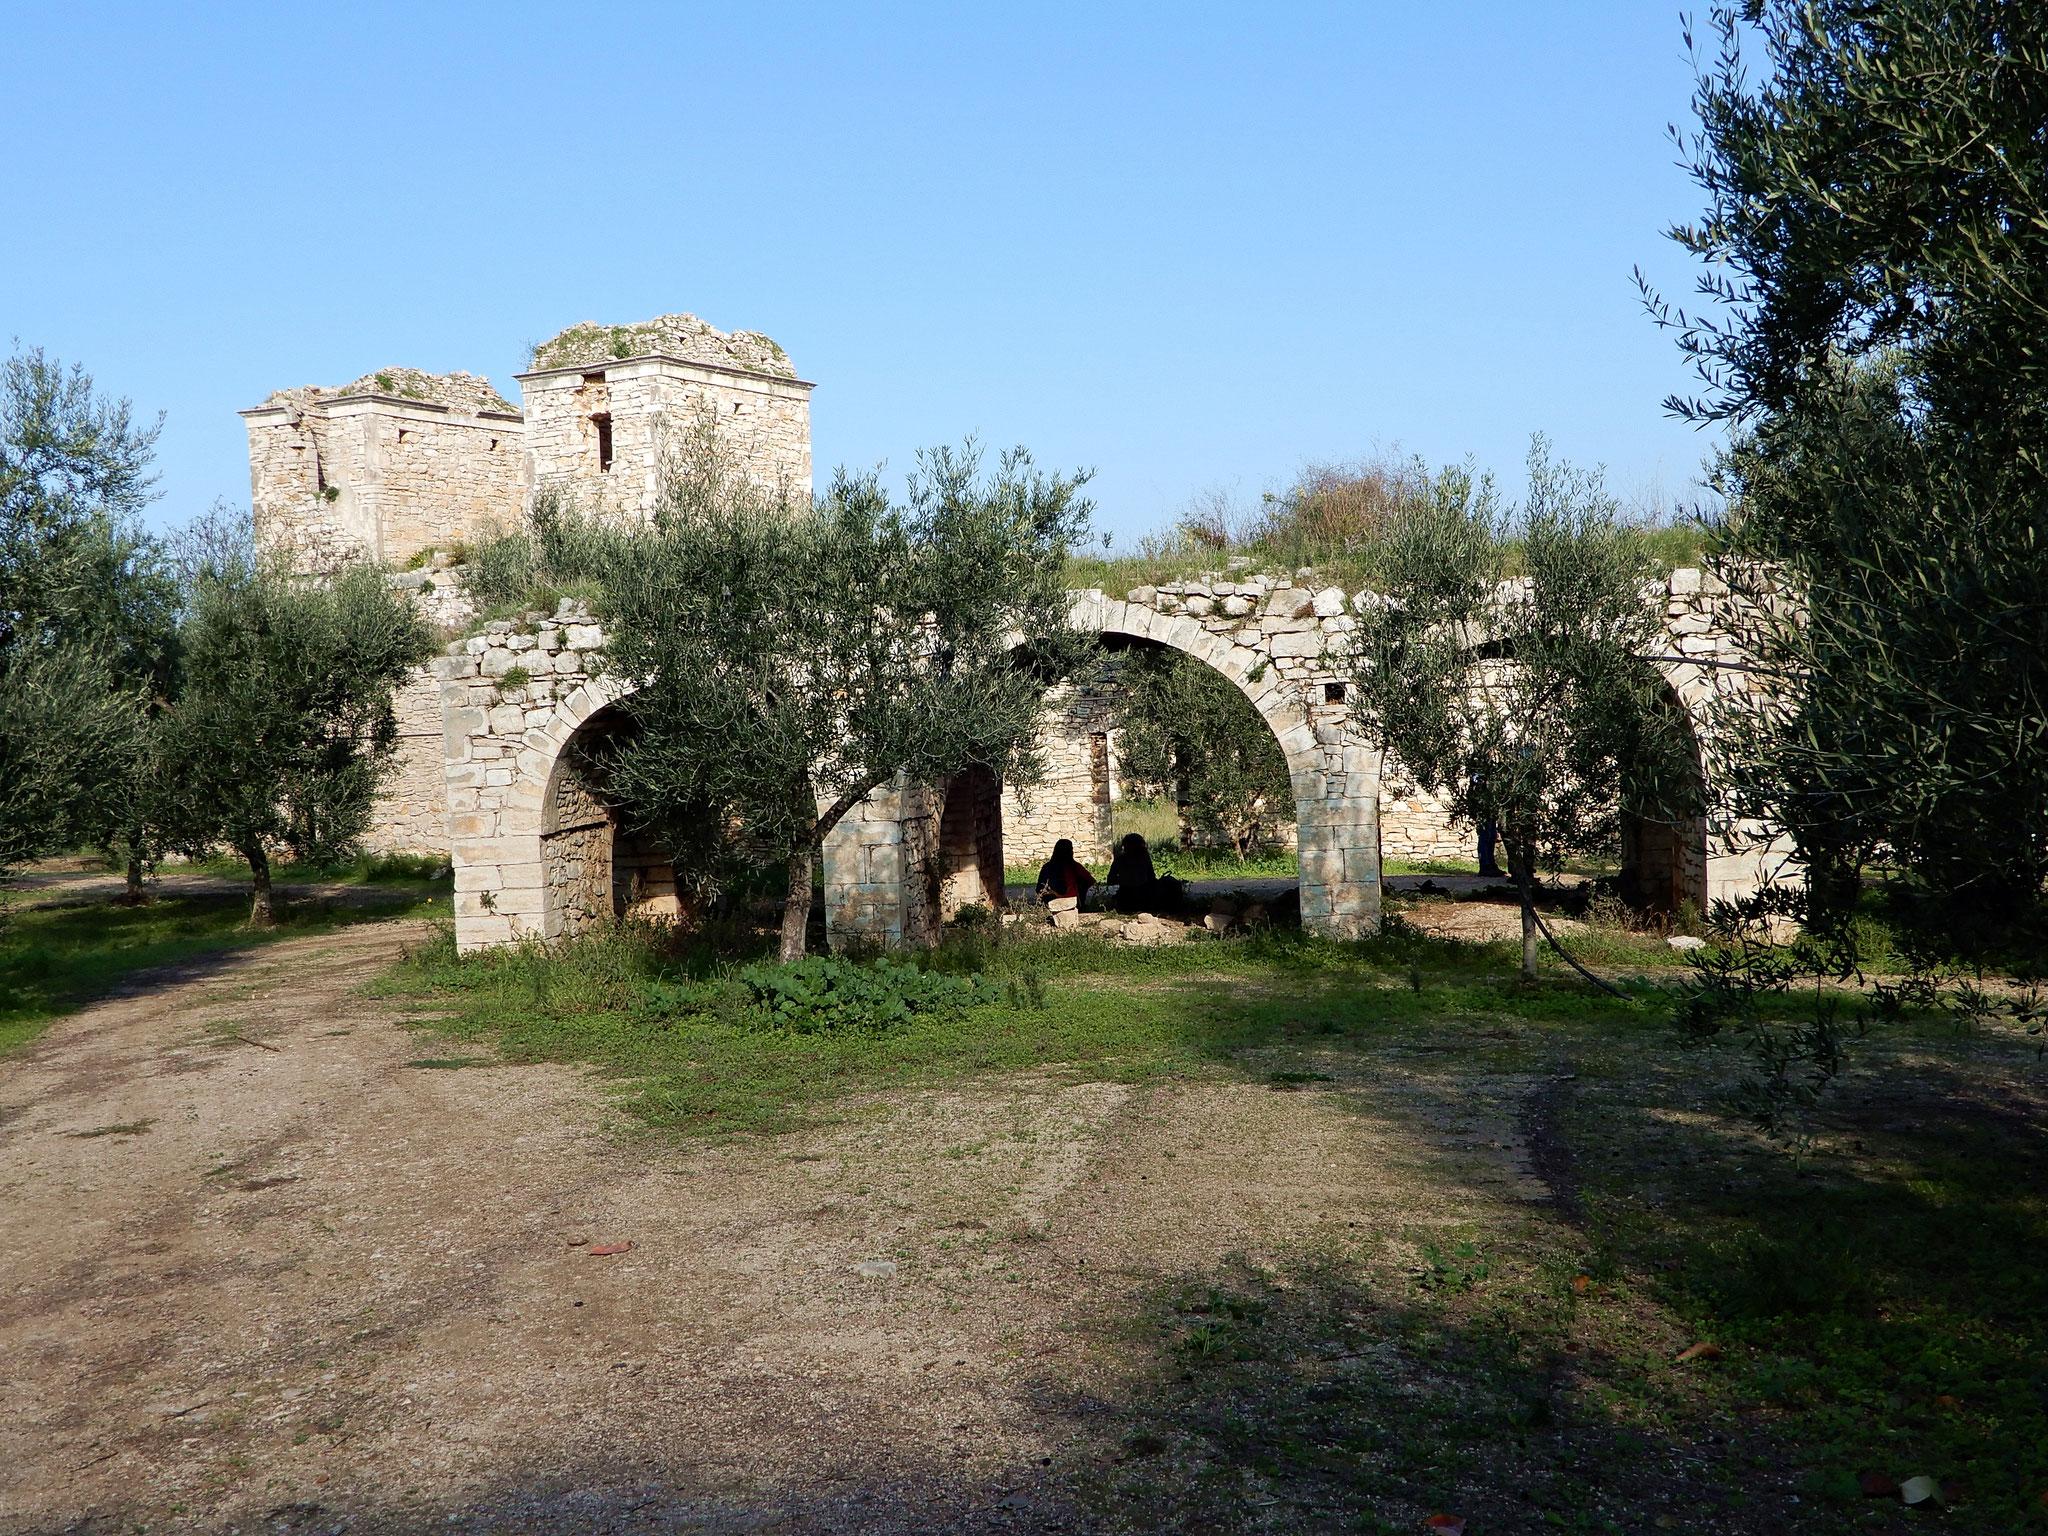 Lame, dolmen e casali medievali: Murgia barese